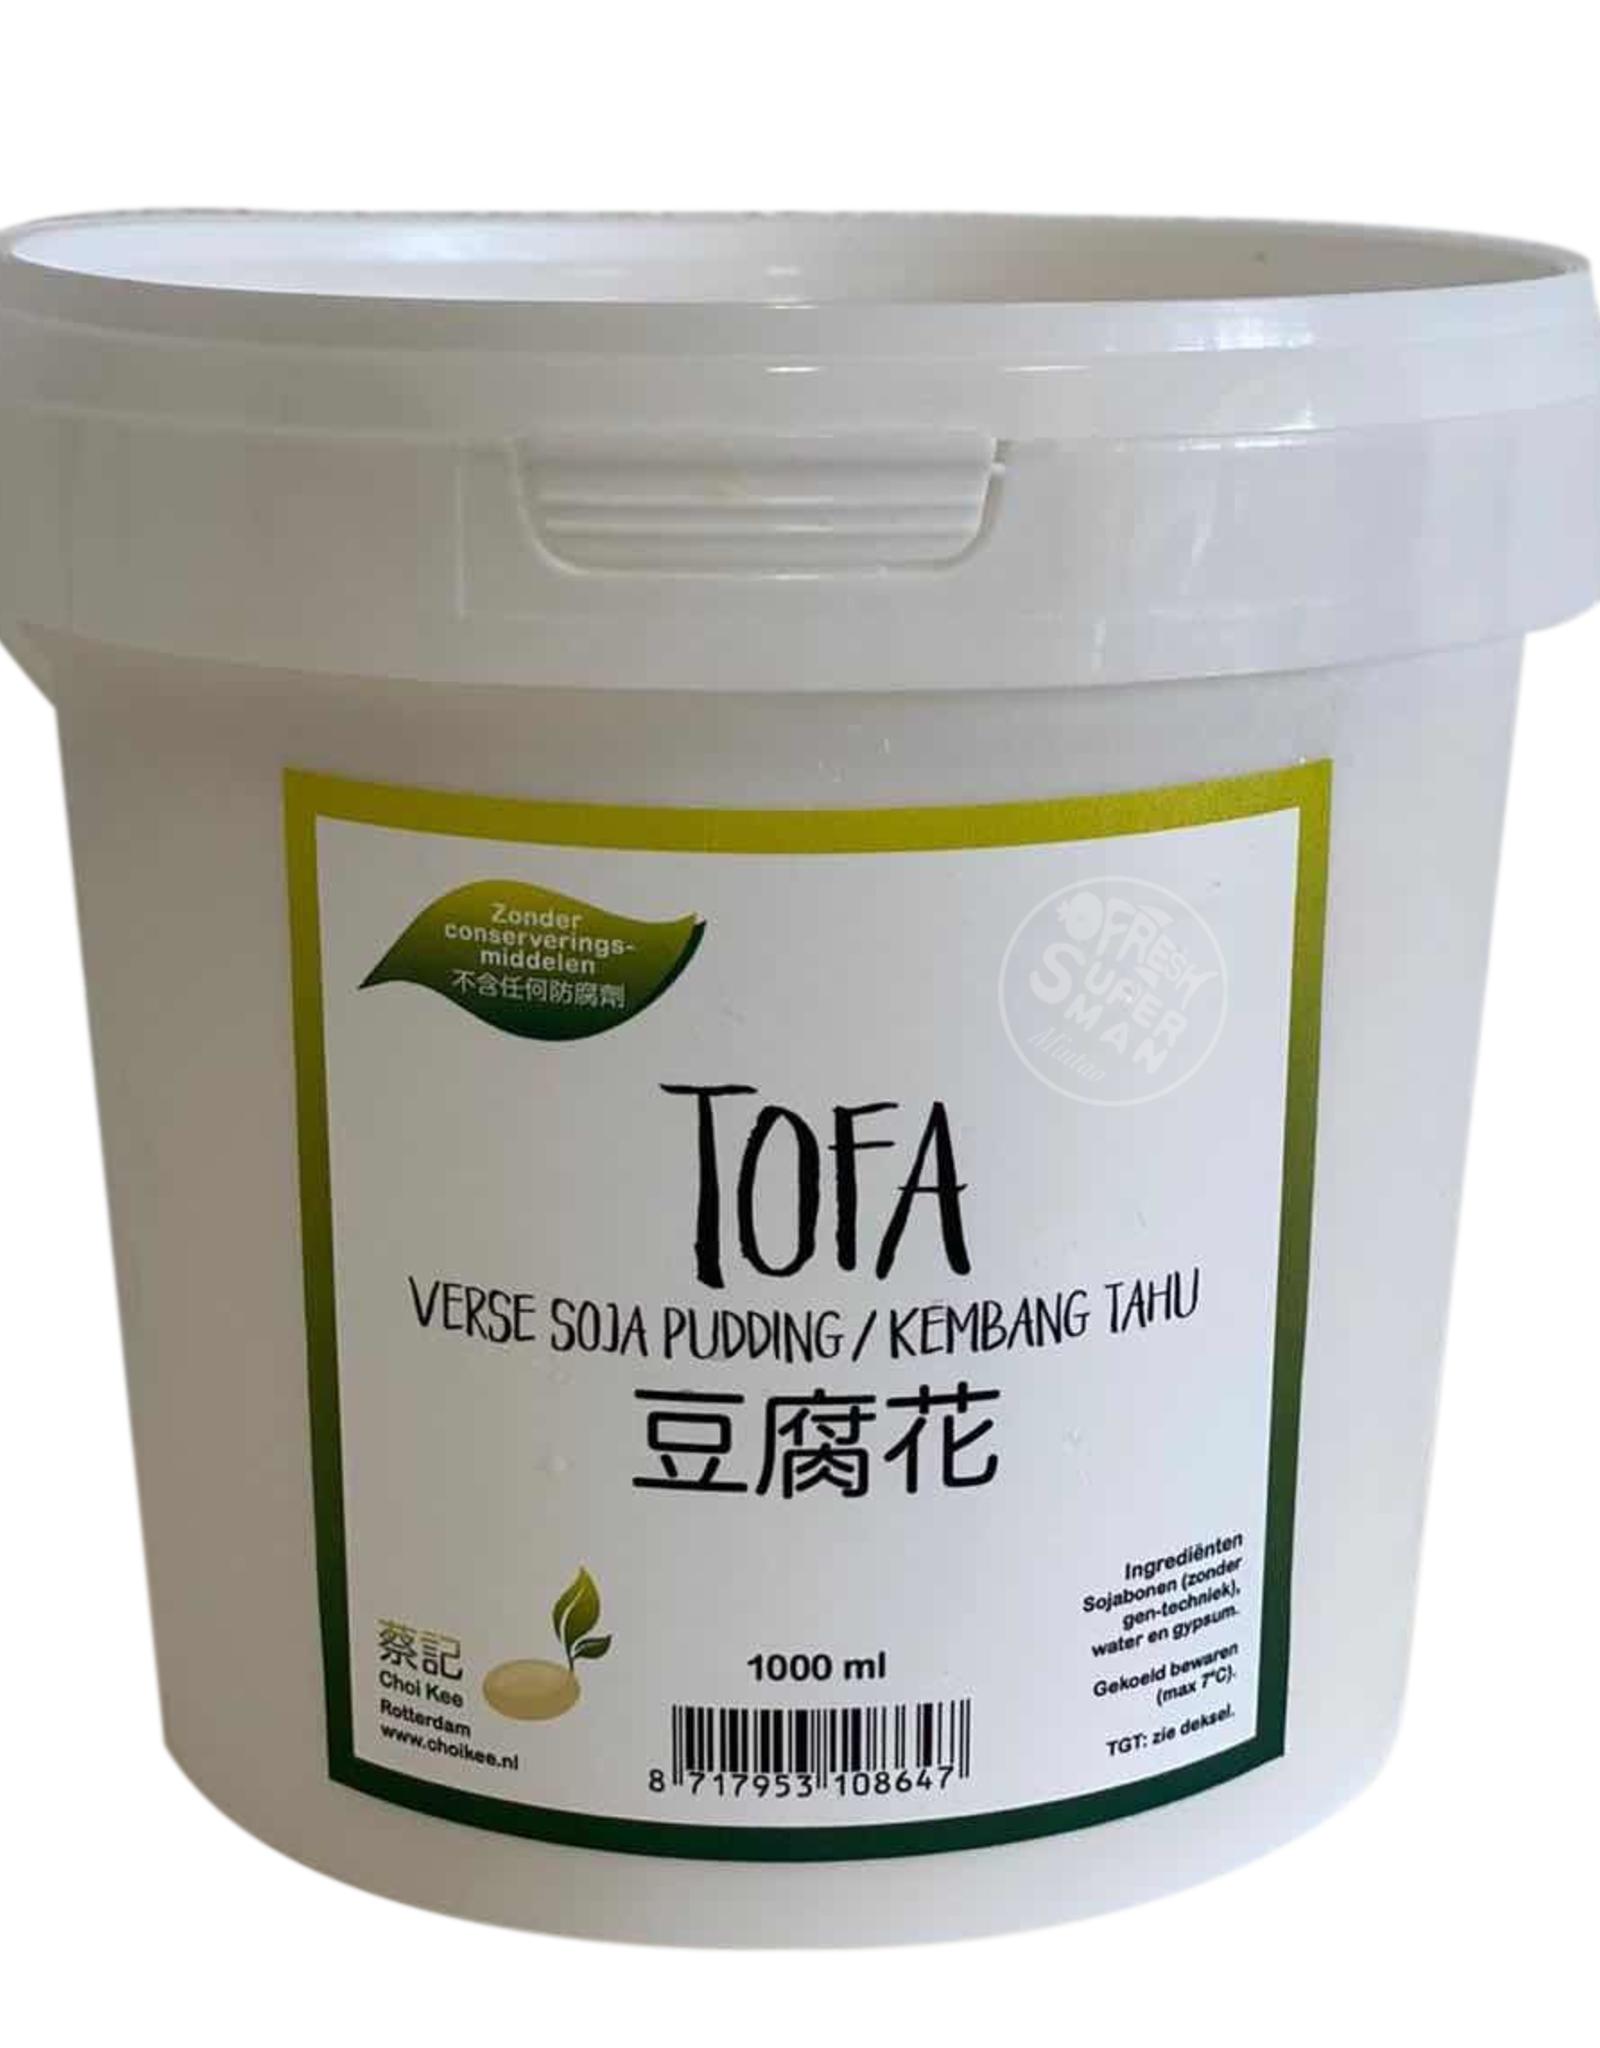 Tofa 1000 Ml (Beschikbaar op vrijdag en zaterdag)